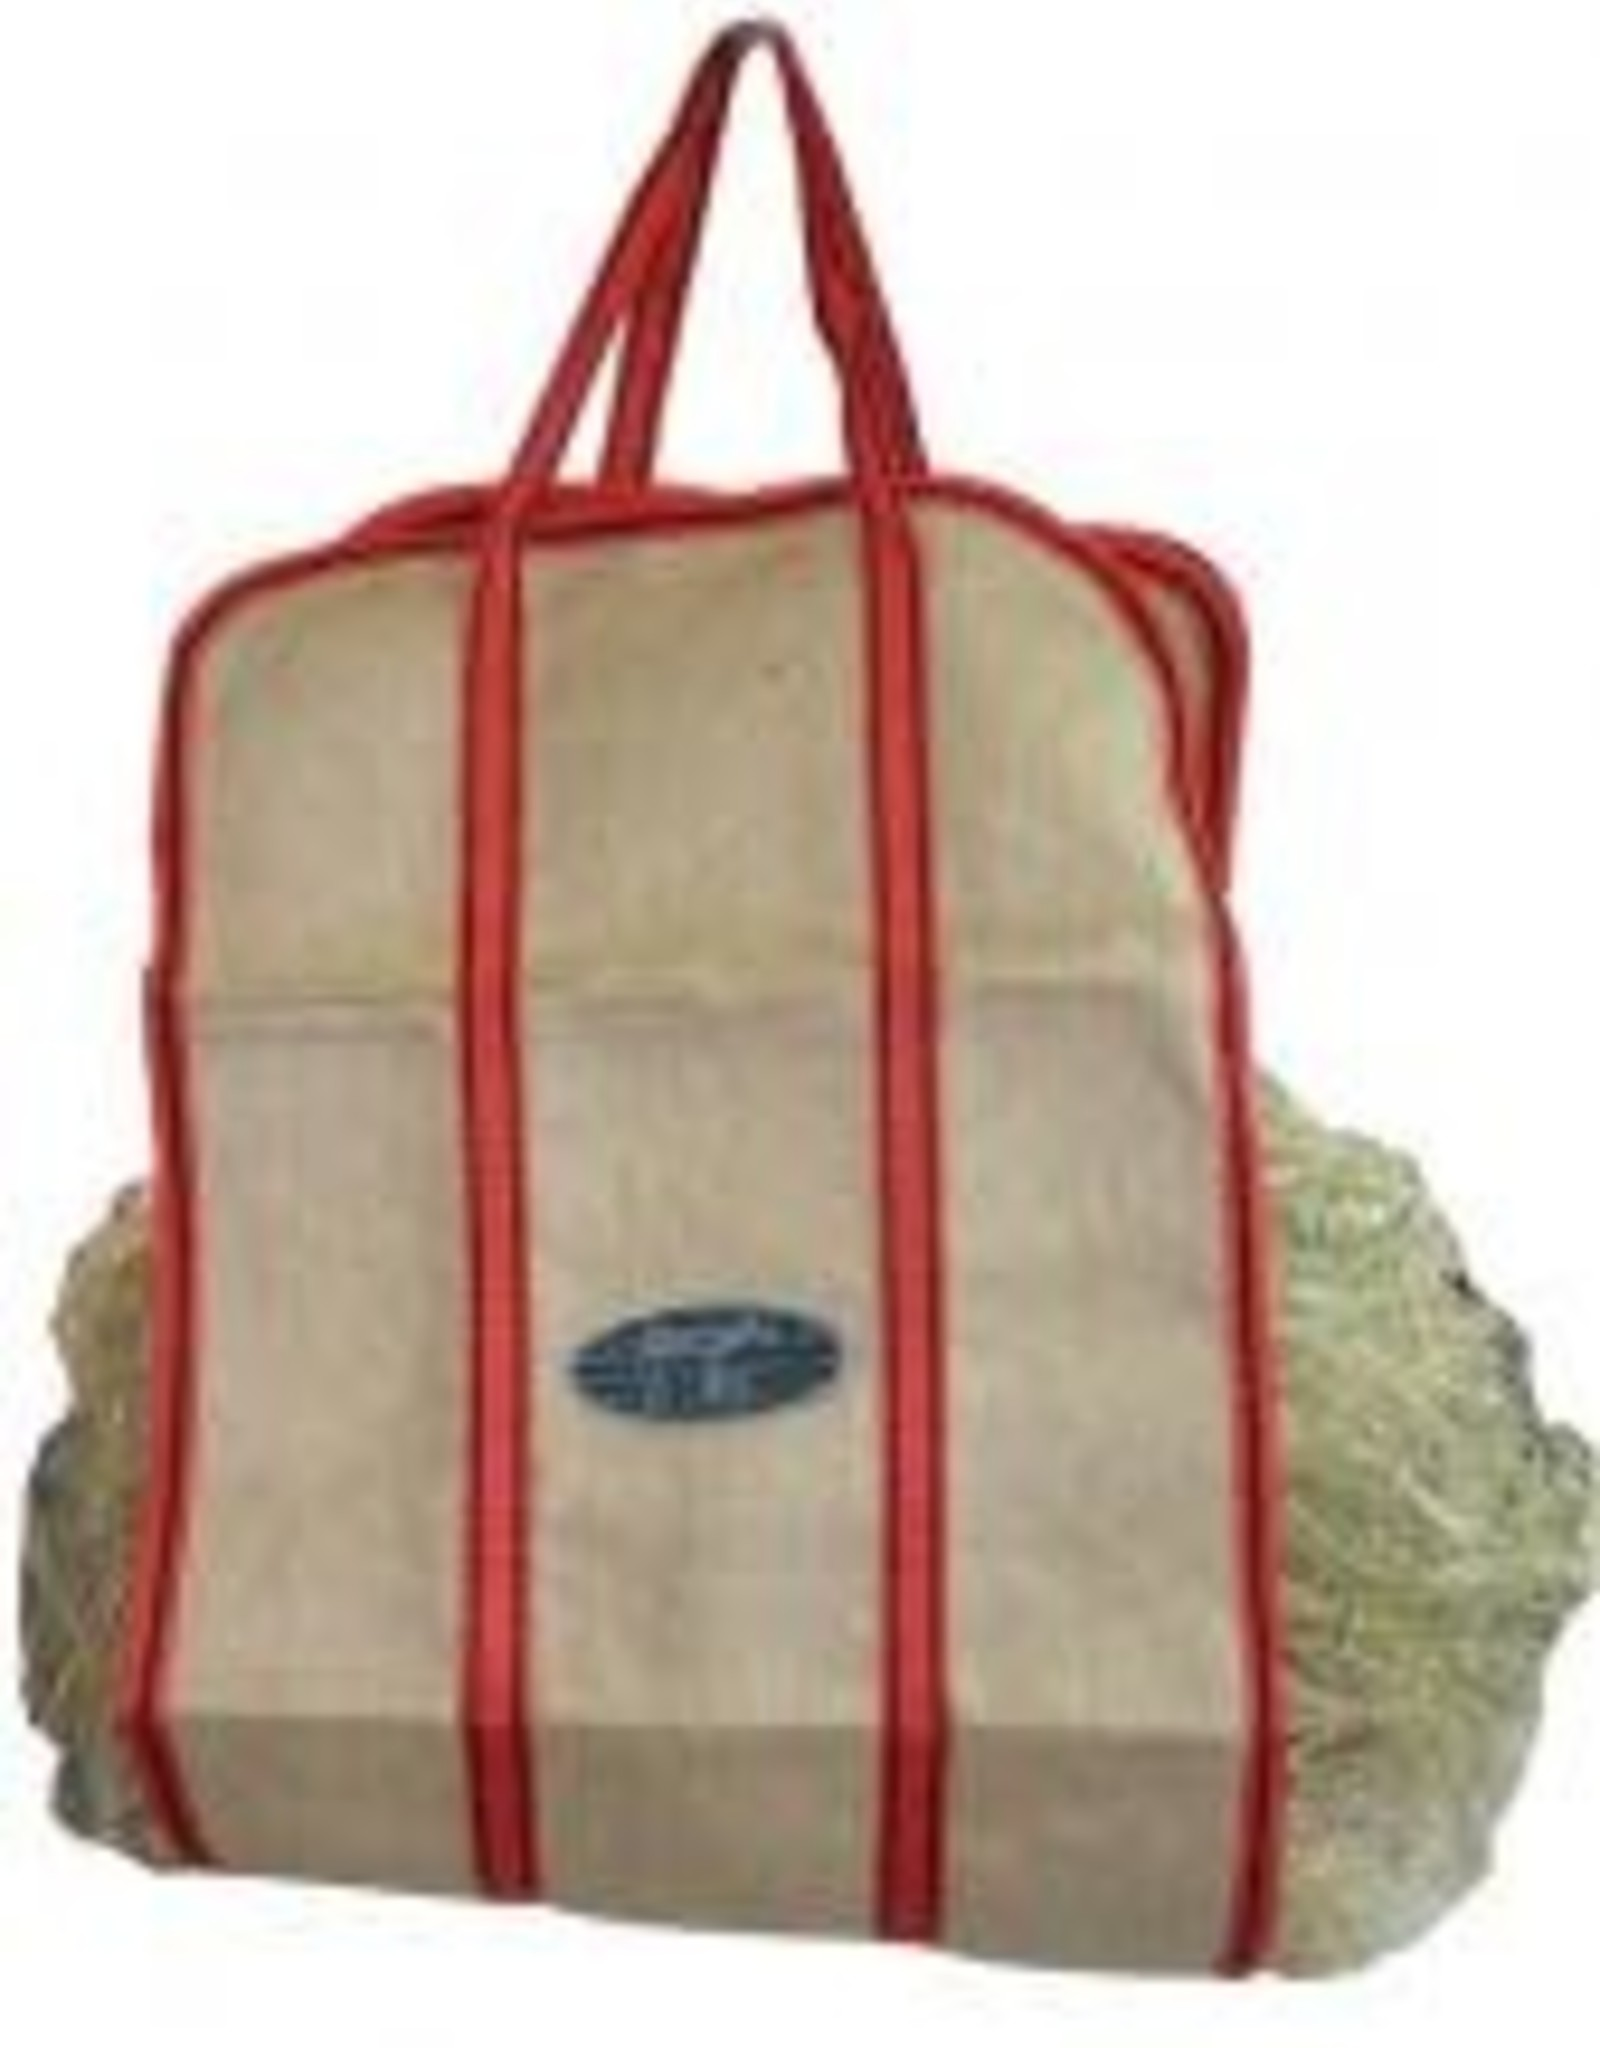 Jute Hay Carry Sling - Blue Handles